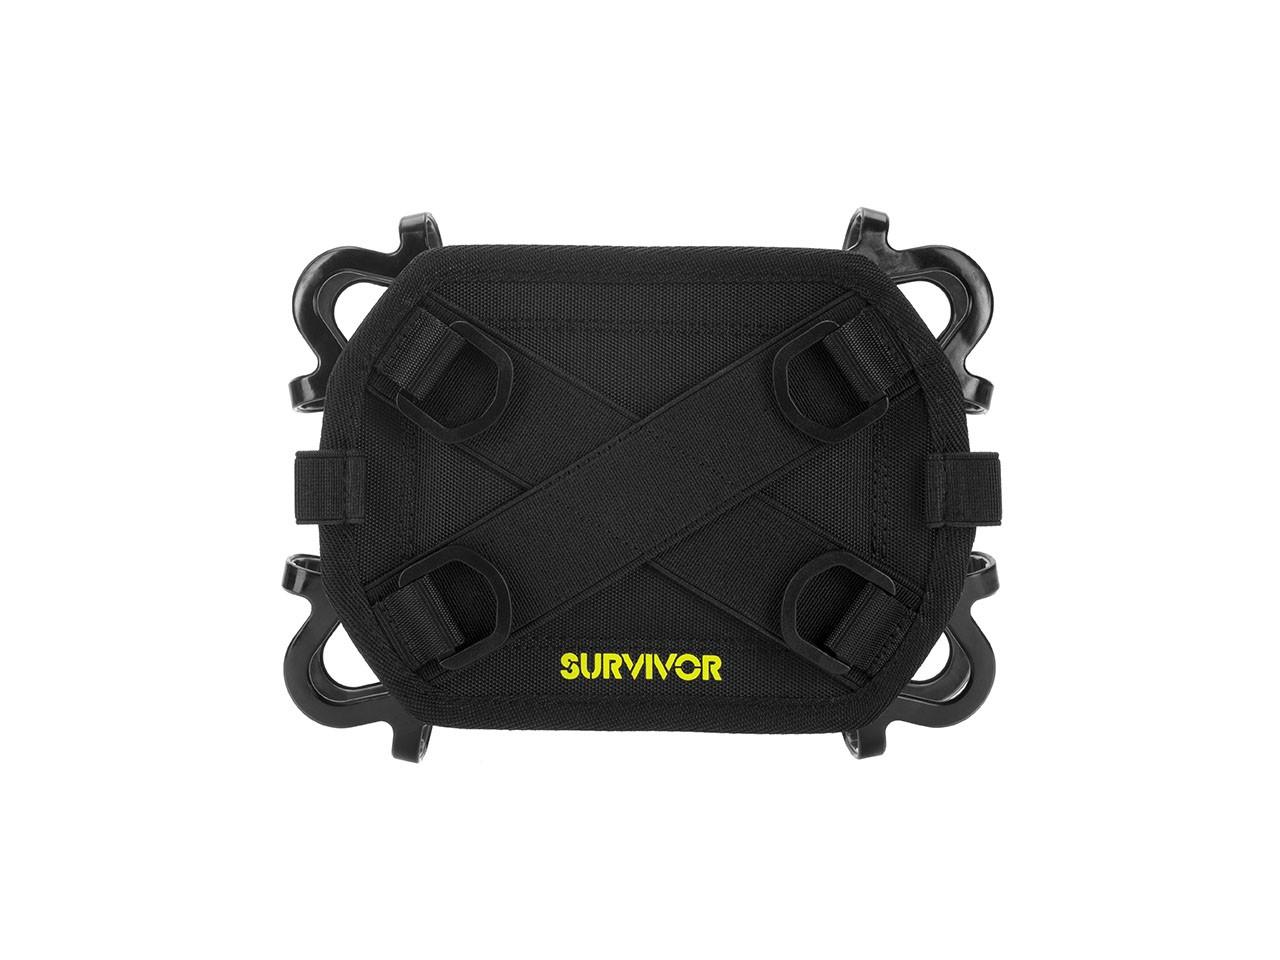 Survivor Harness Kit For Tablets (l/xl) - Black